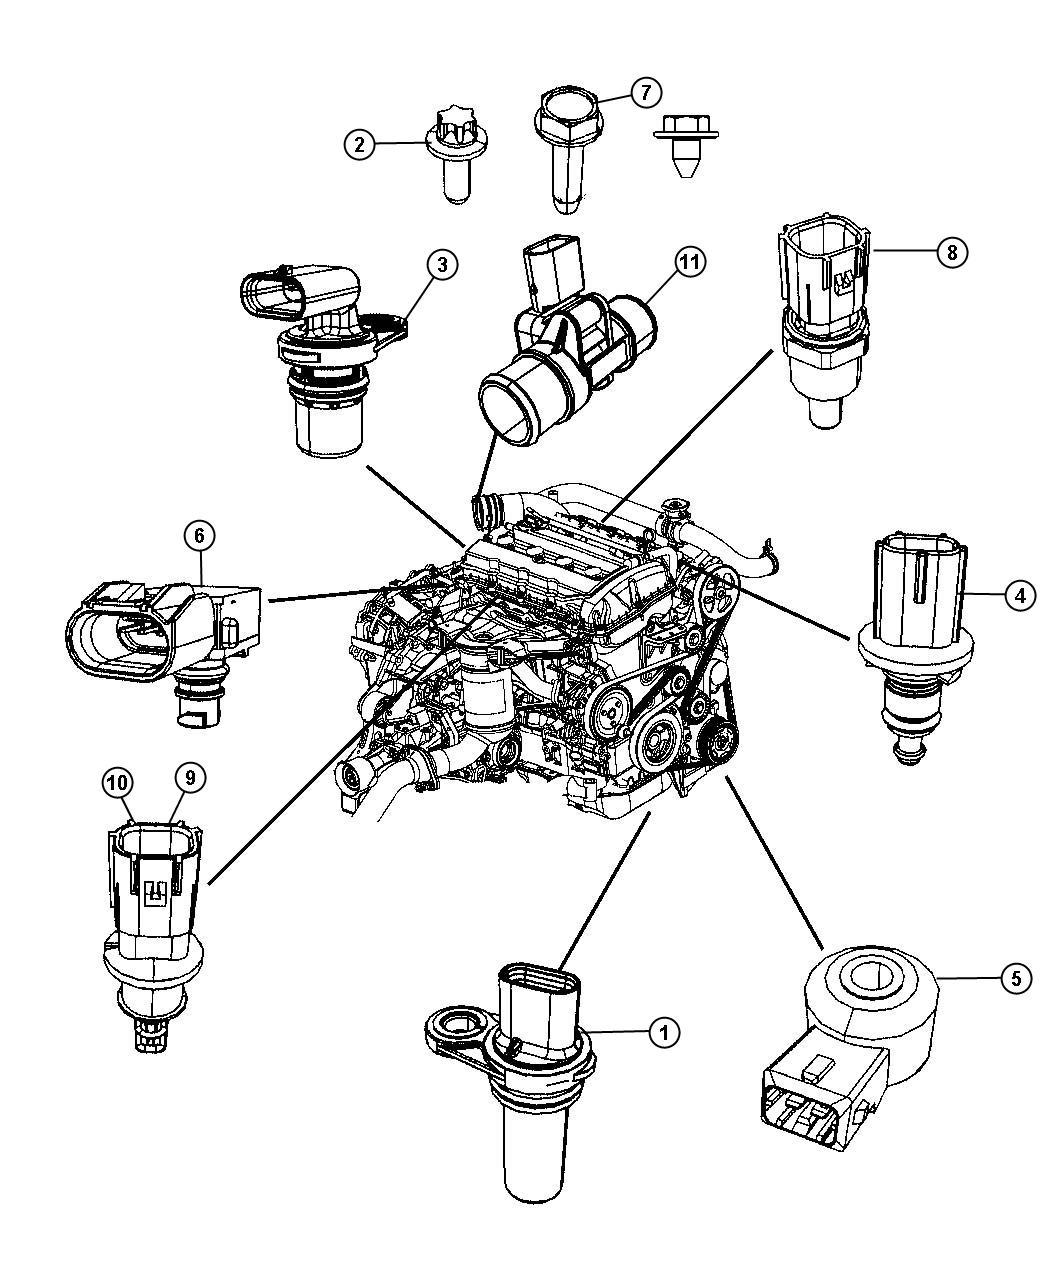 2009 Dodge Caliber Sensors, Gas Engine.